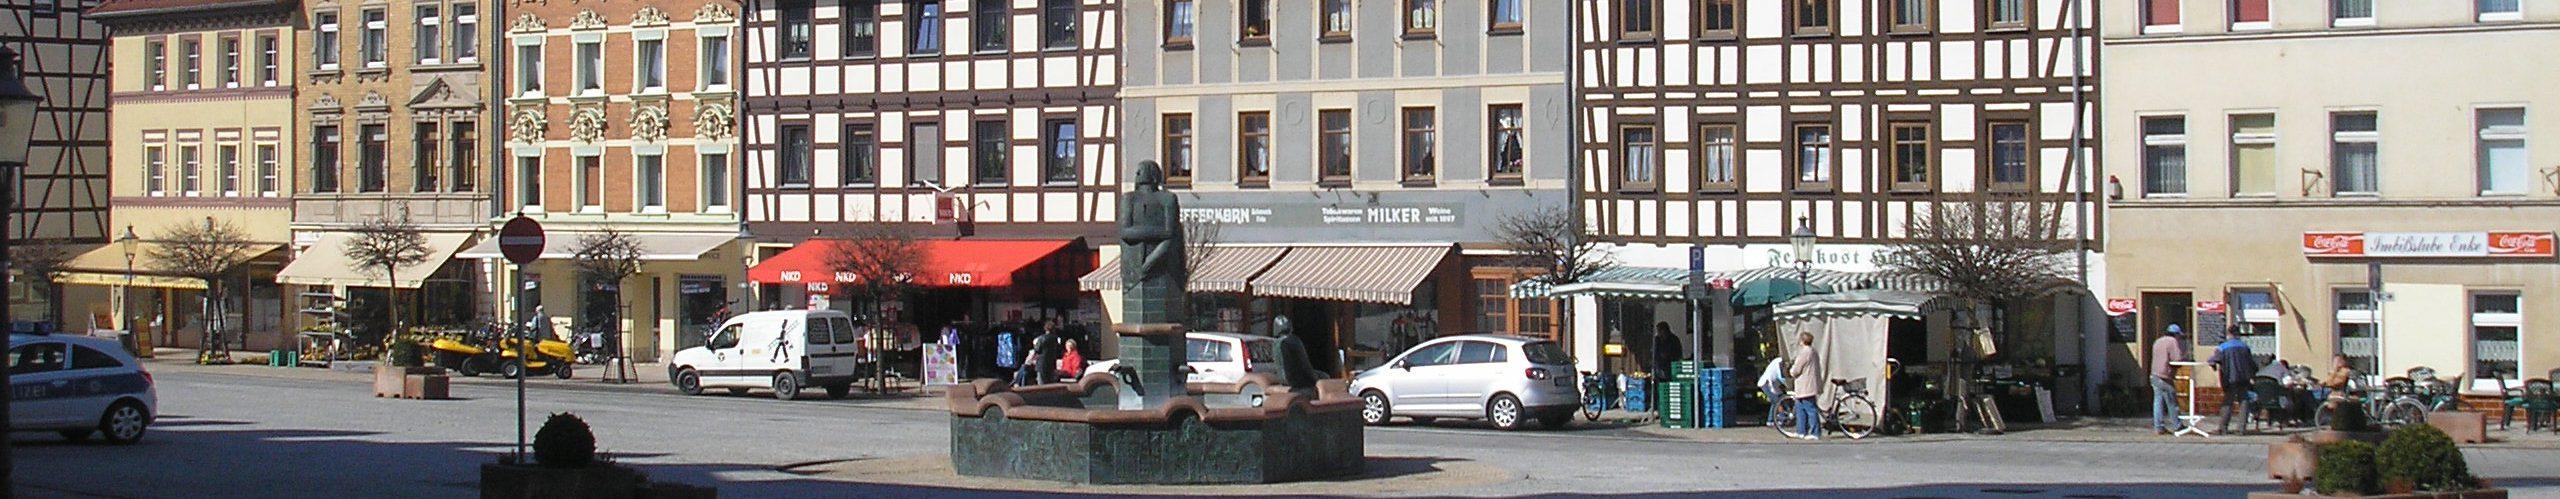 Verein für Städtepartnerschaften e.V. in Mühlacker